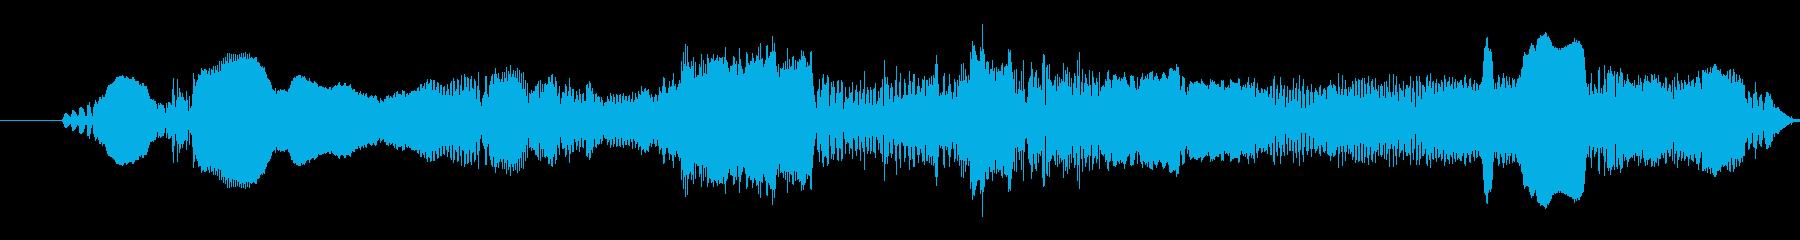 子供の女性:叫び声の再生済みの波形